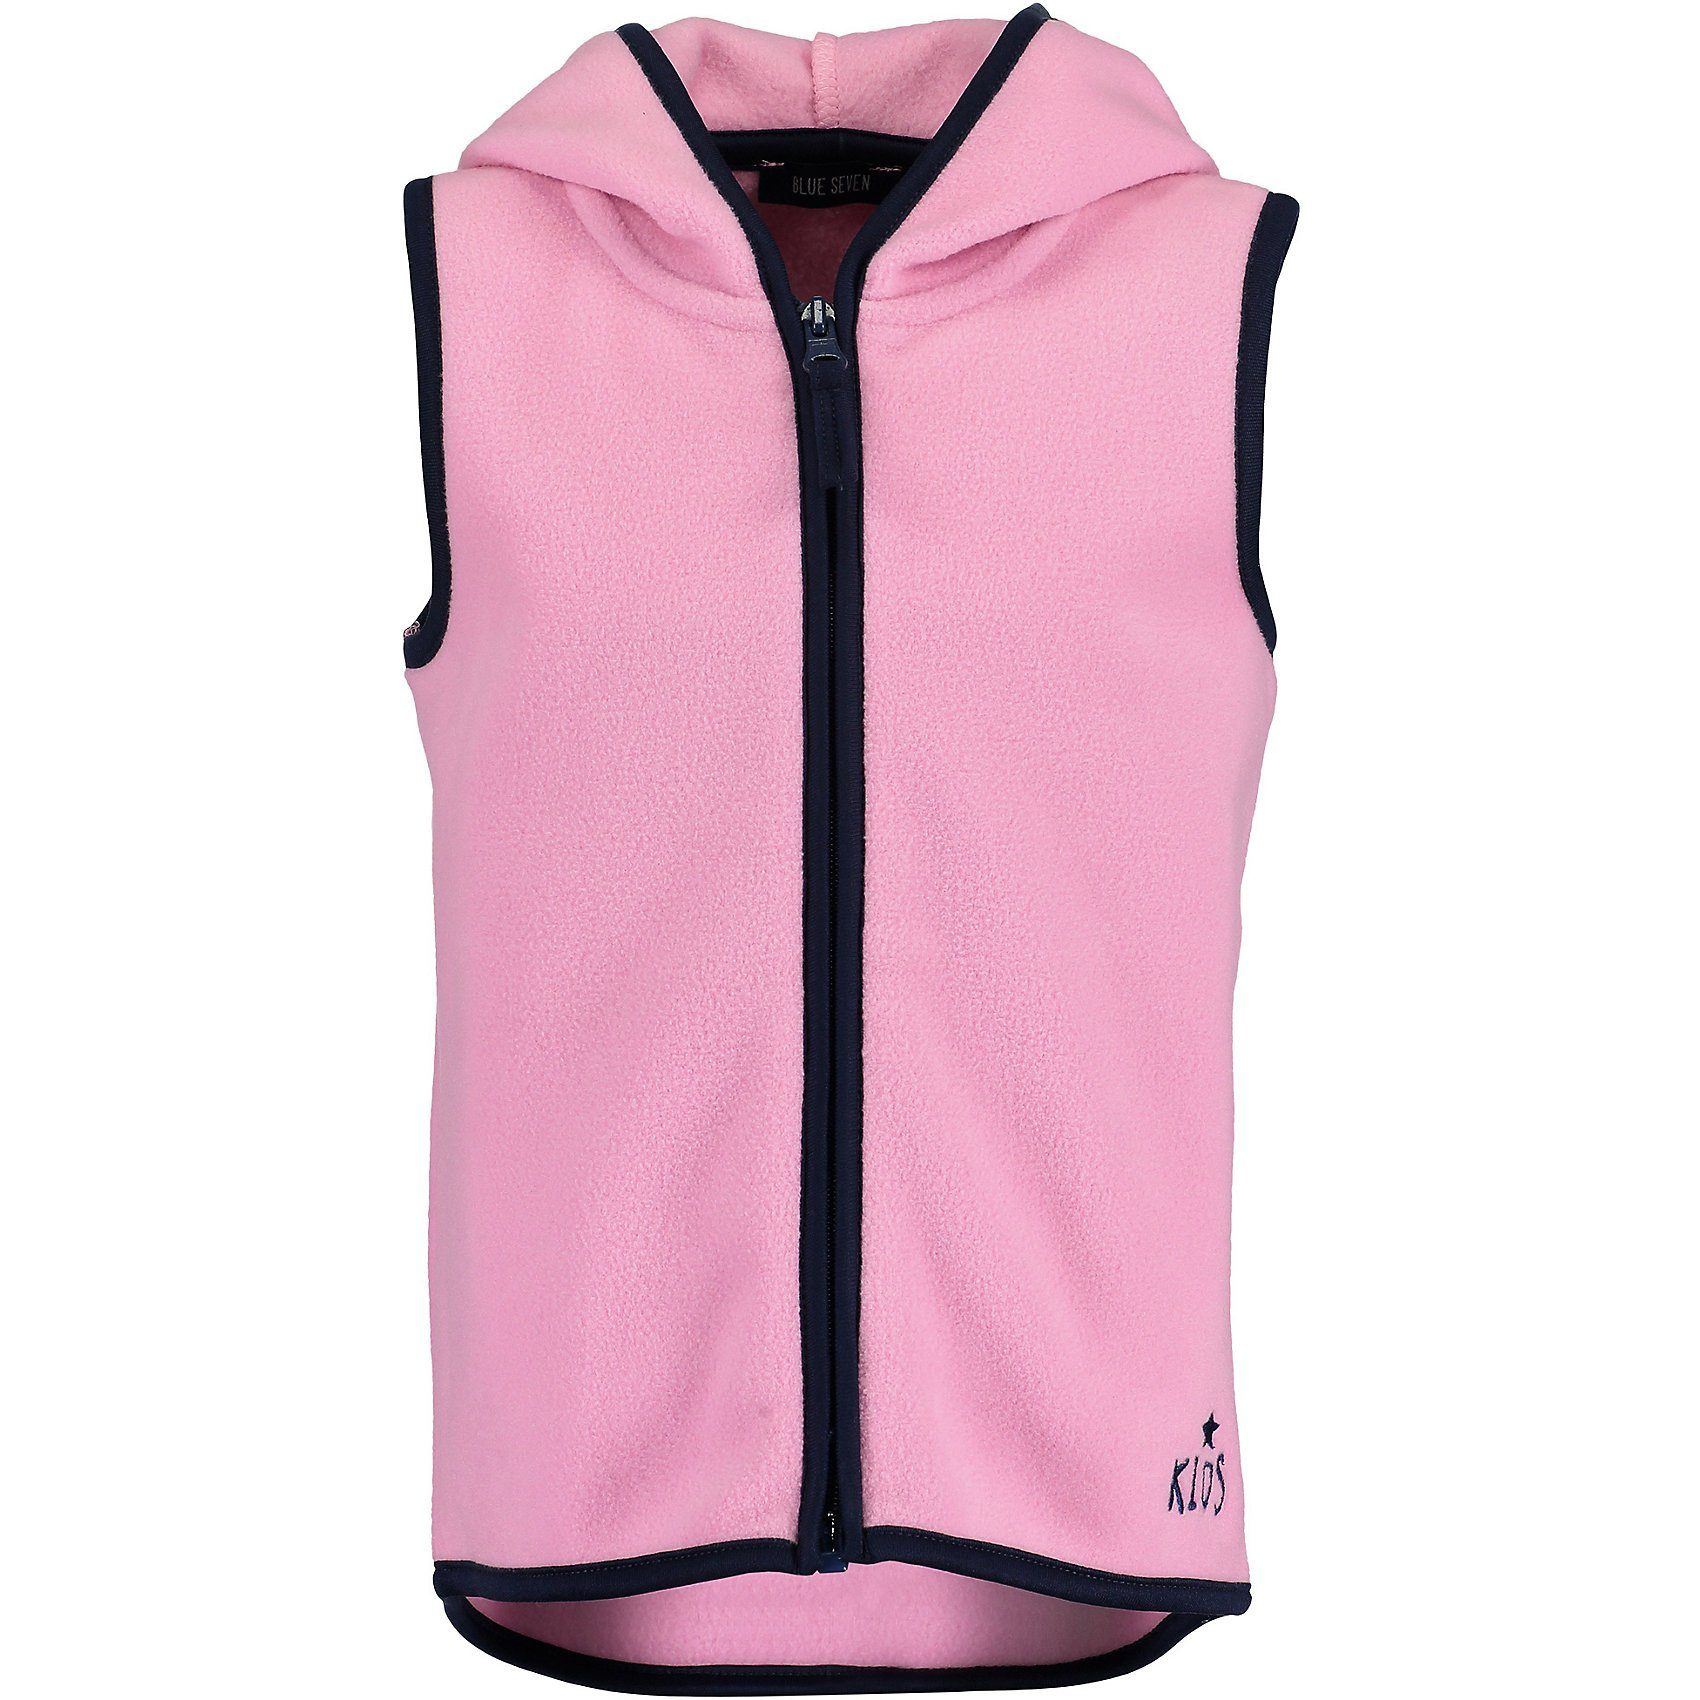 Damen,  Mädchen,  Kinder Blue Seven Fleeceweste für Mädchen rosa | 04055852697058, 04055852697133